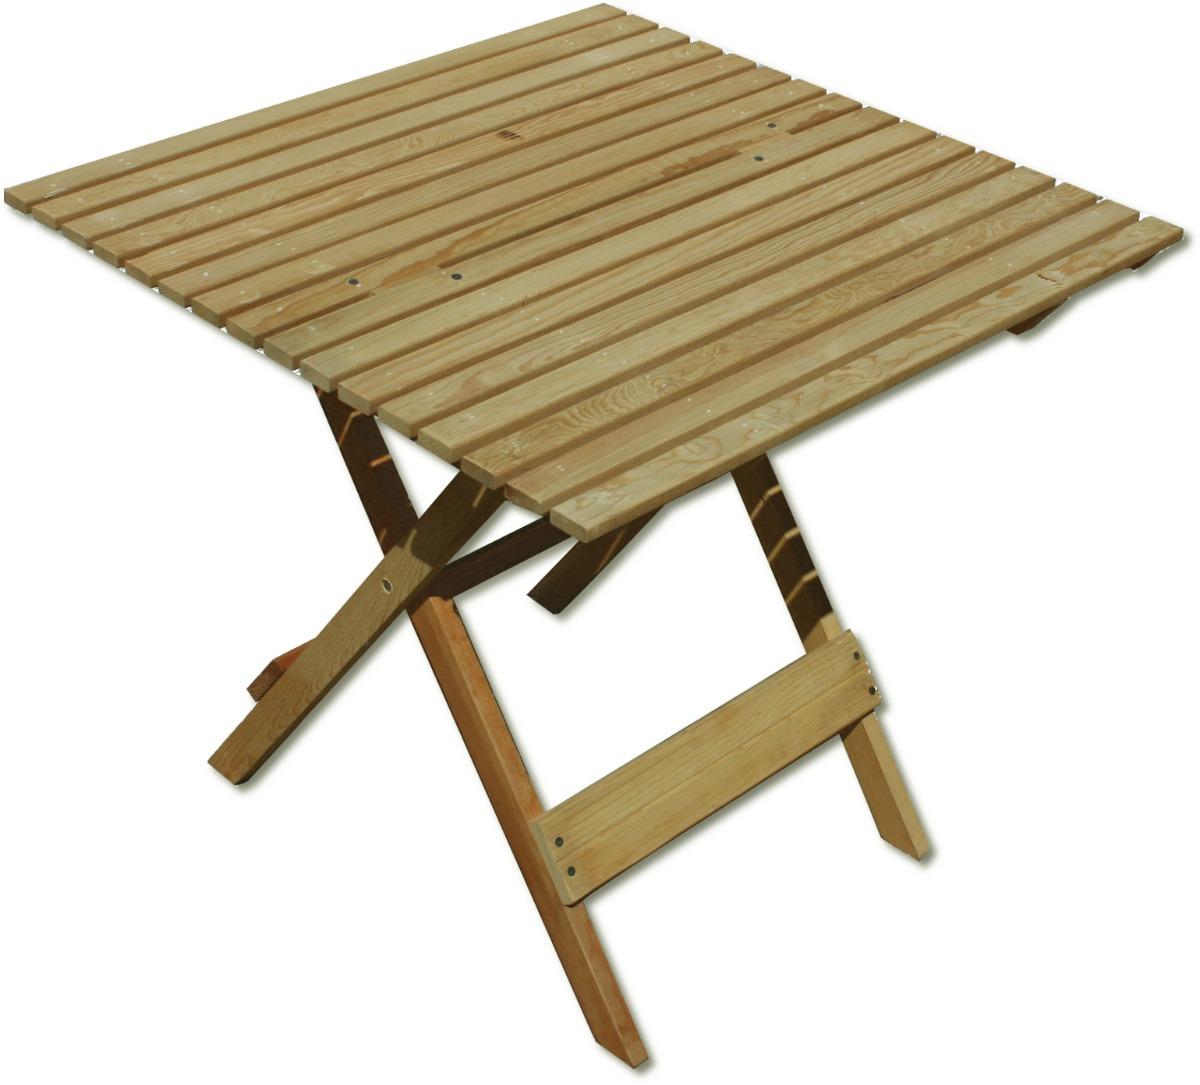 Mesa de jard n mueble plegable madera jardin o interiores for Mesa banco madera jardin